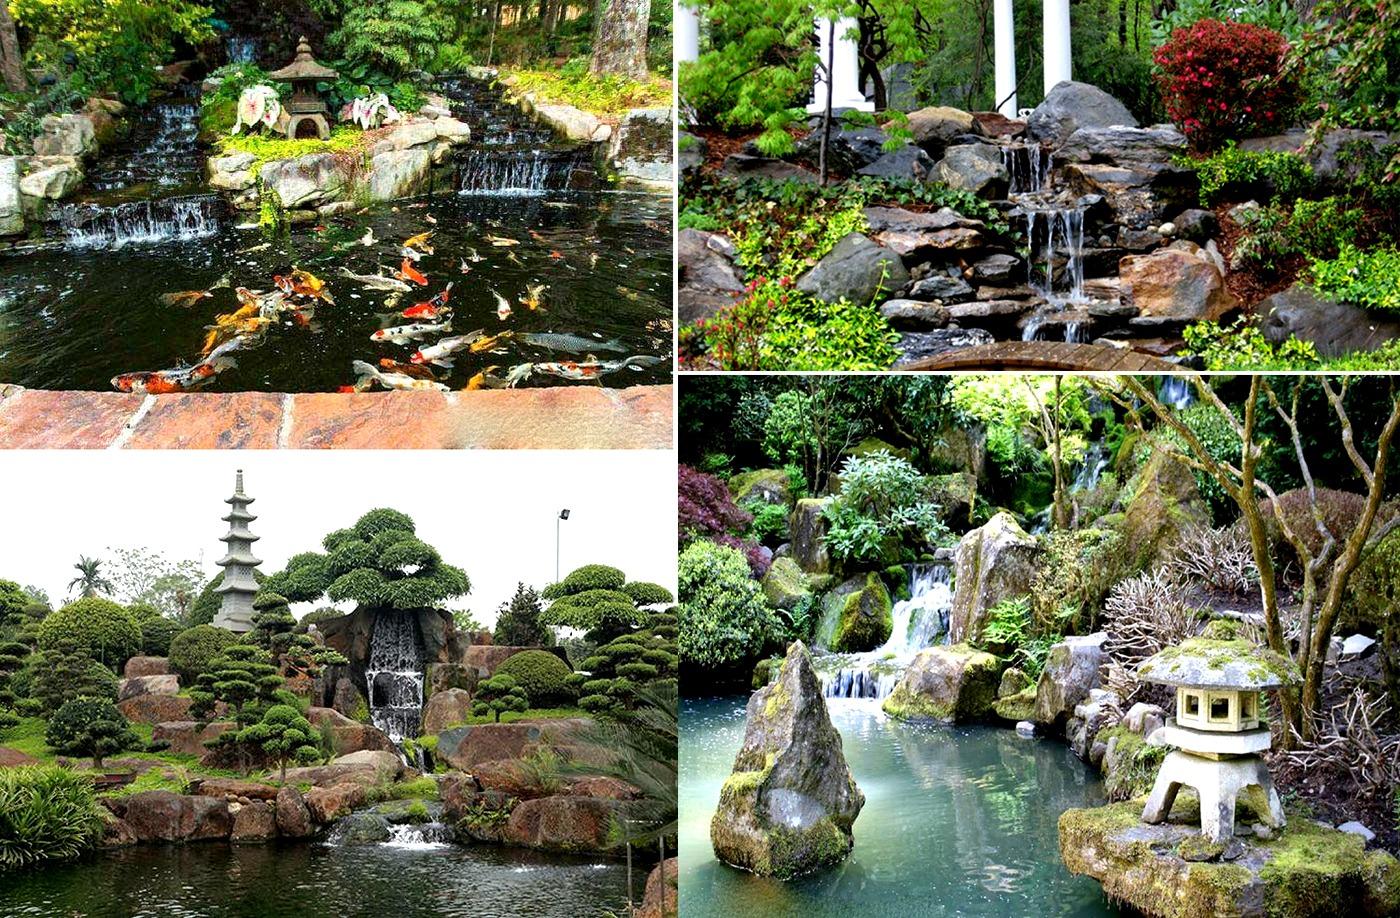 Thác, suối sử dụng trong phong cách sân vườn Nhật Bản